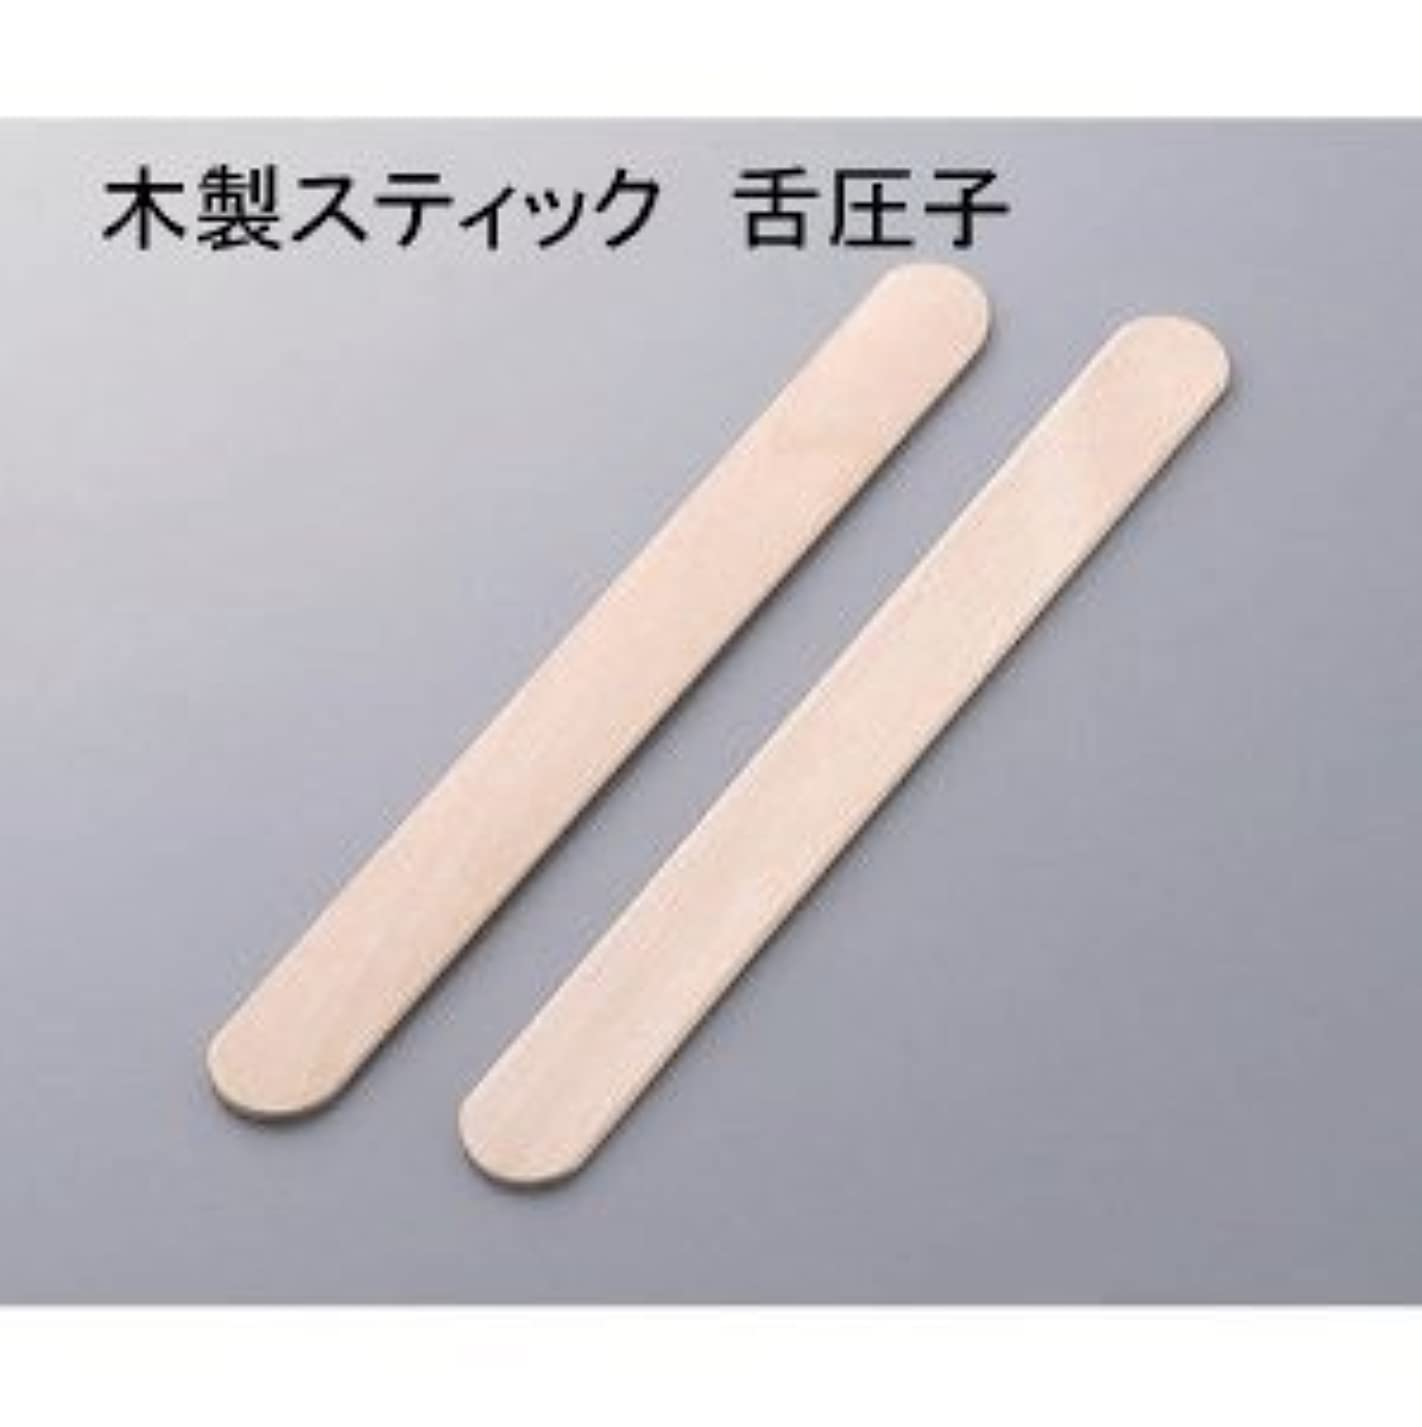 モンク伴う学んだ木製舌圧子150mm スパチュラ 脱毛 ハダカ 6000本(50本x120束)